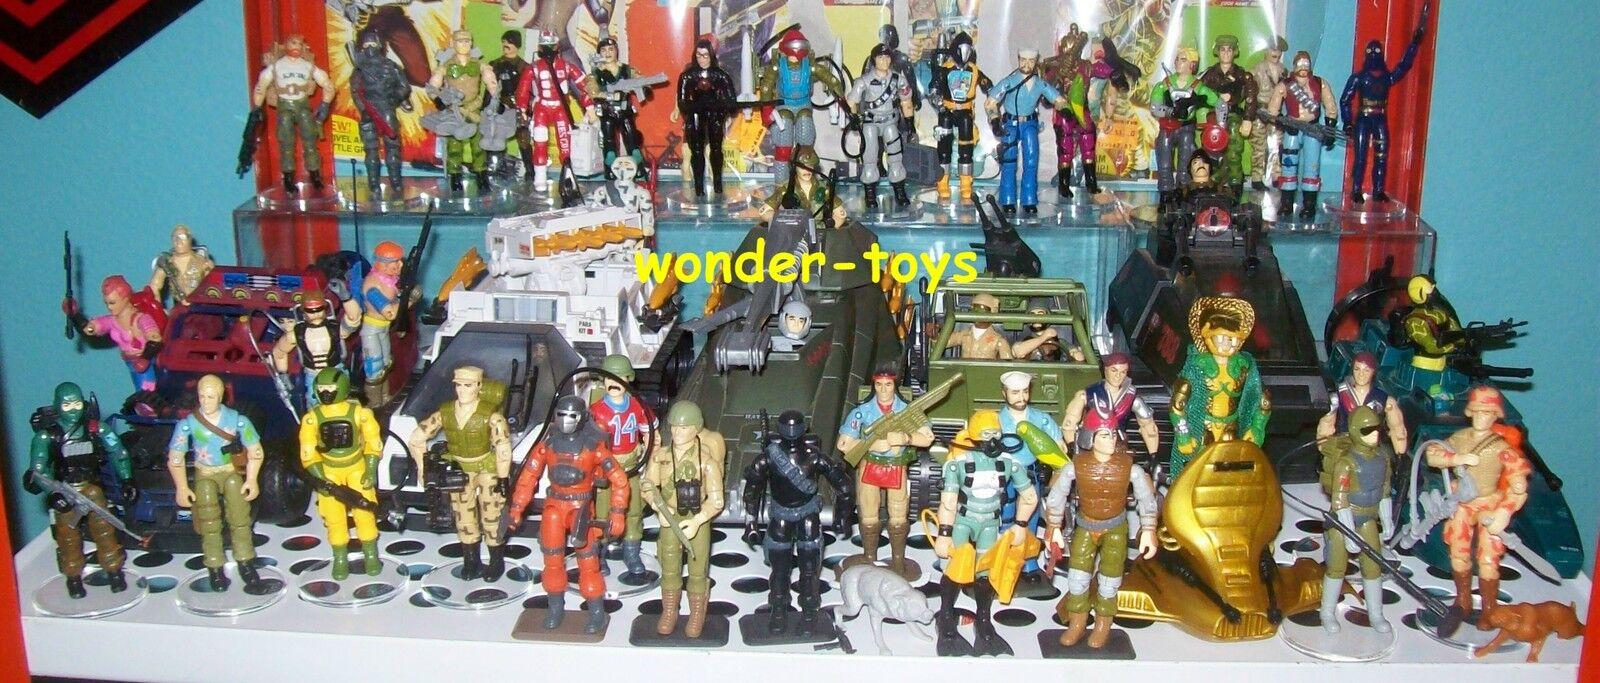 wonder-toys